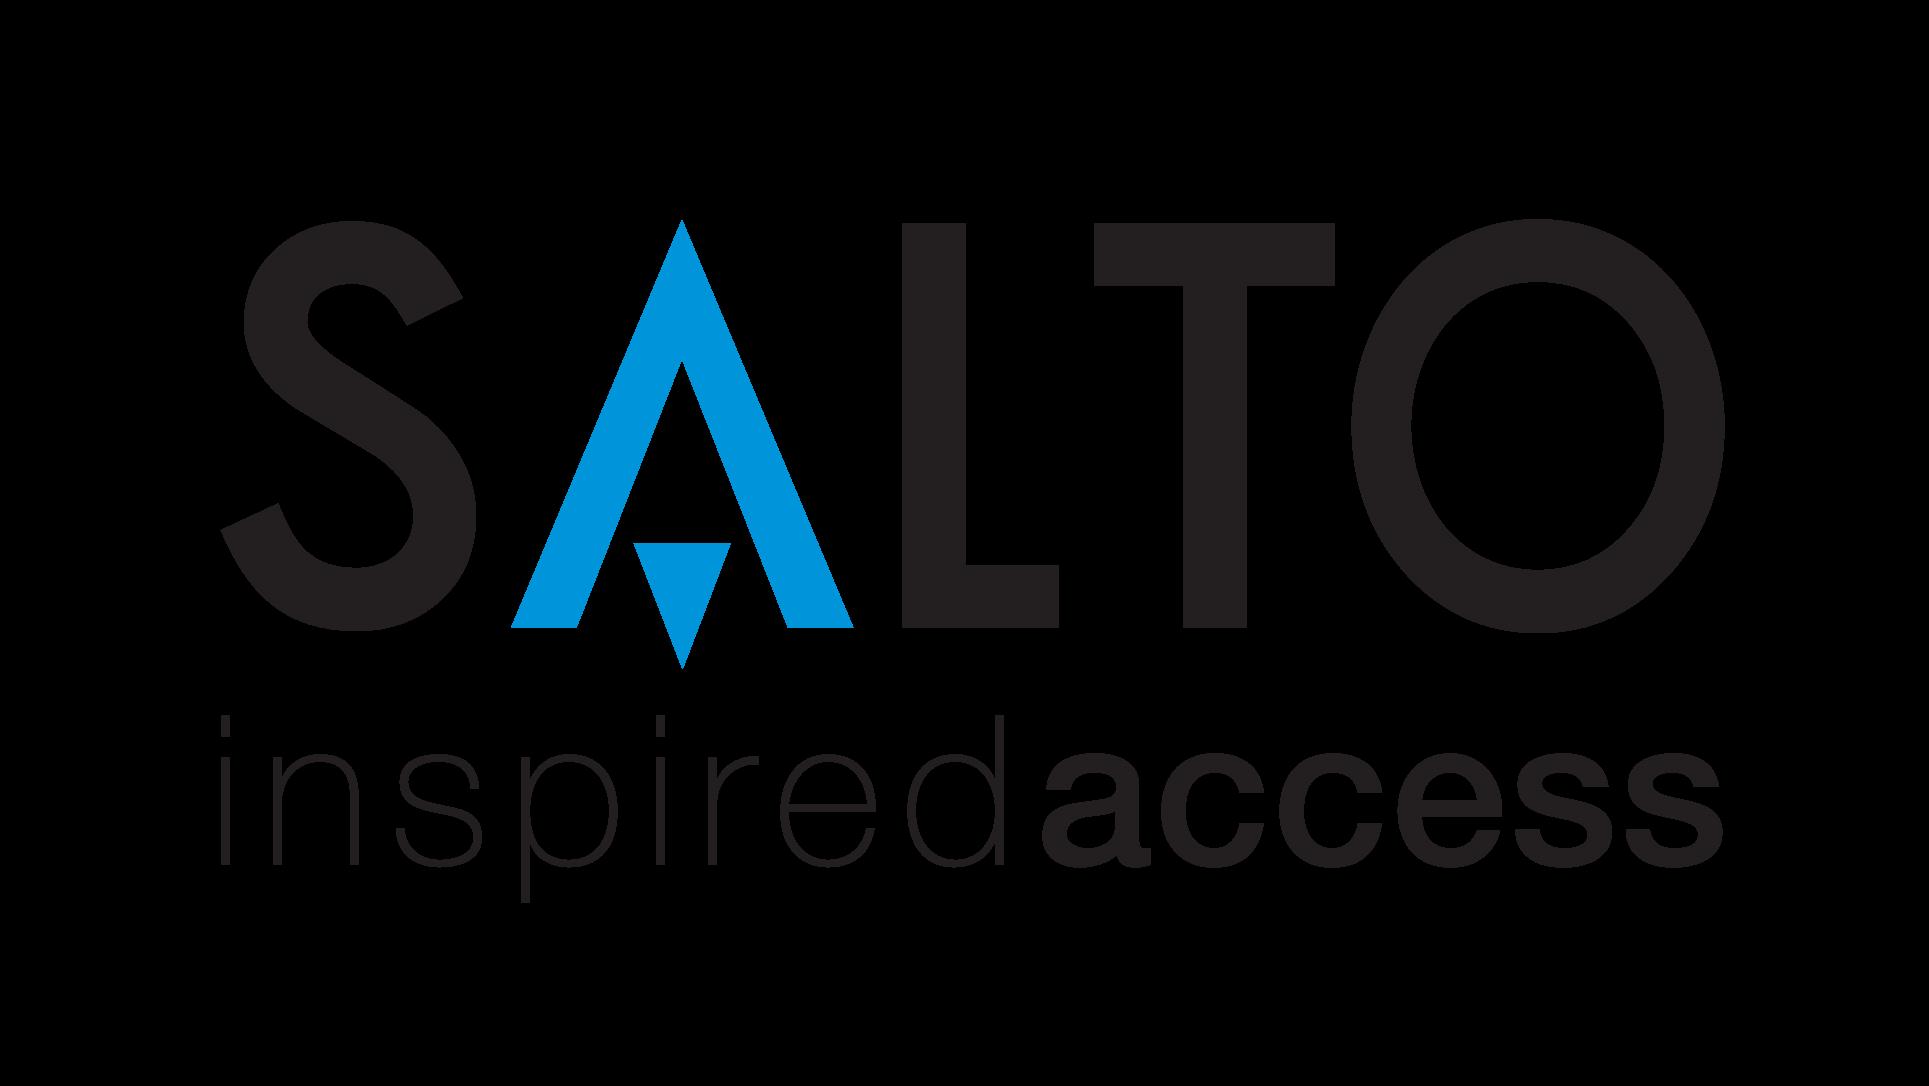 Salto-logo